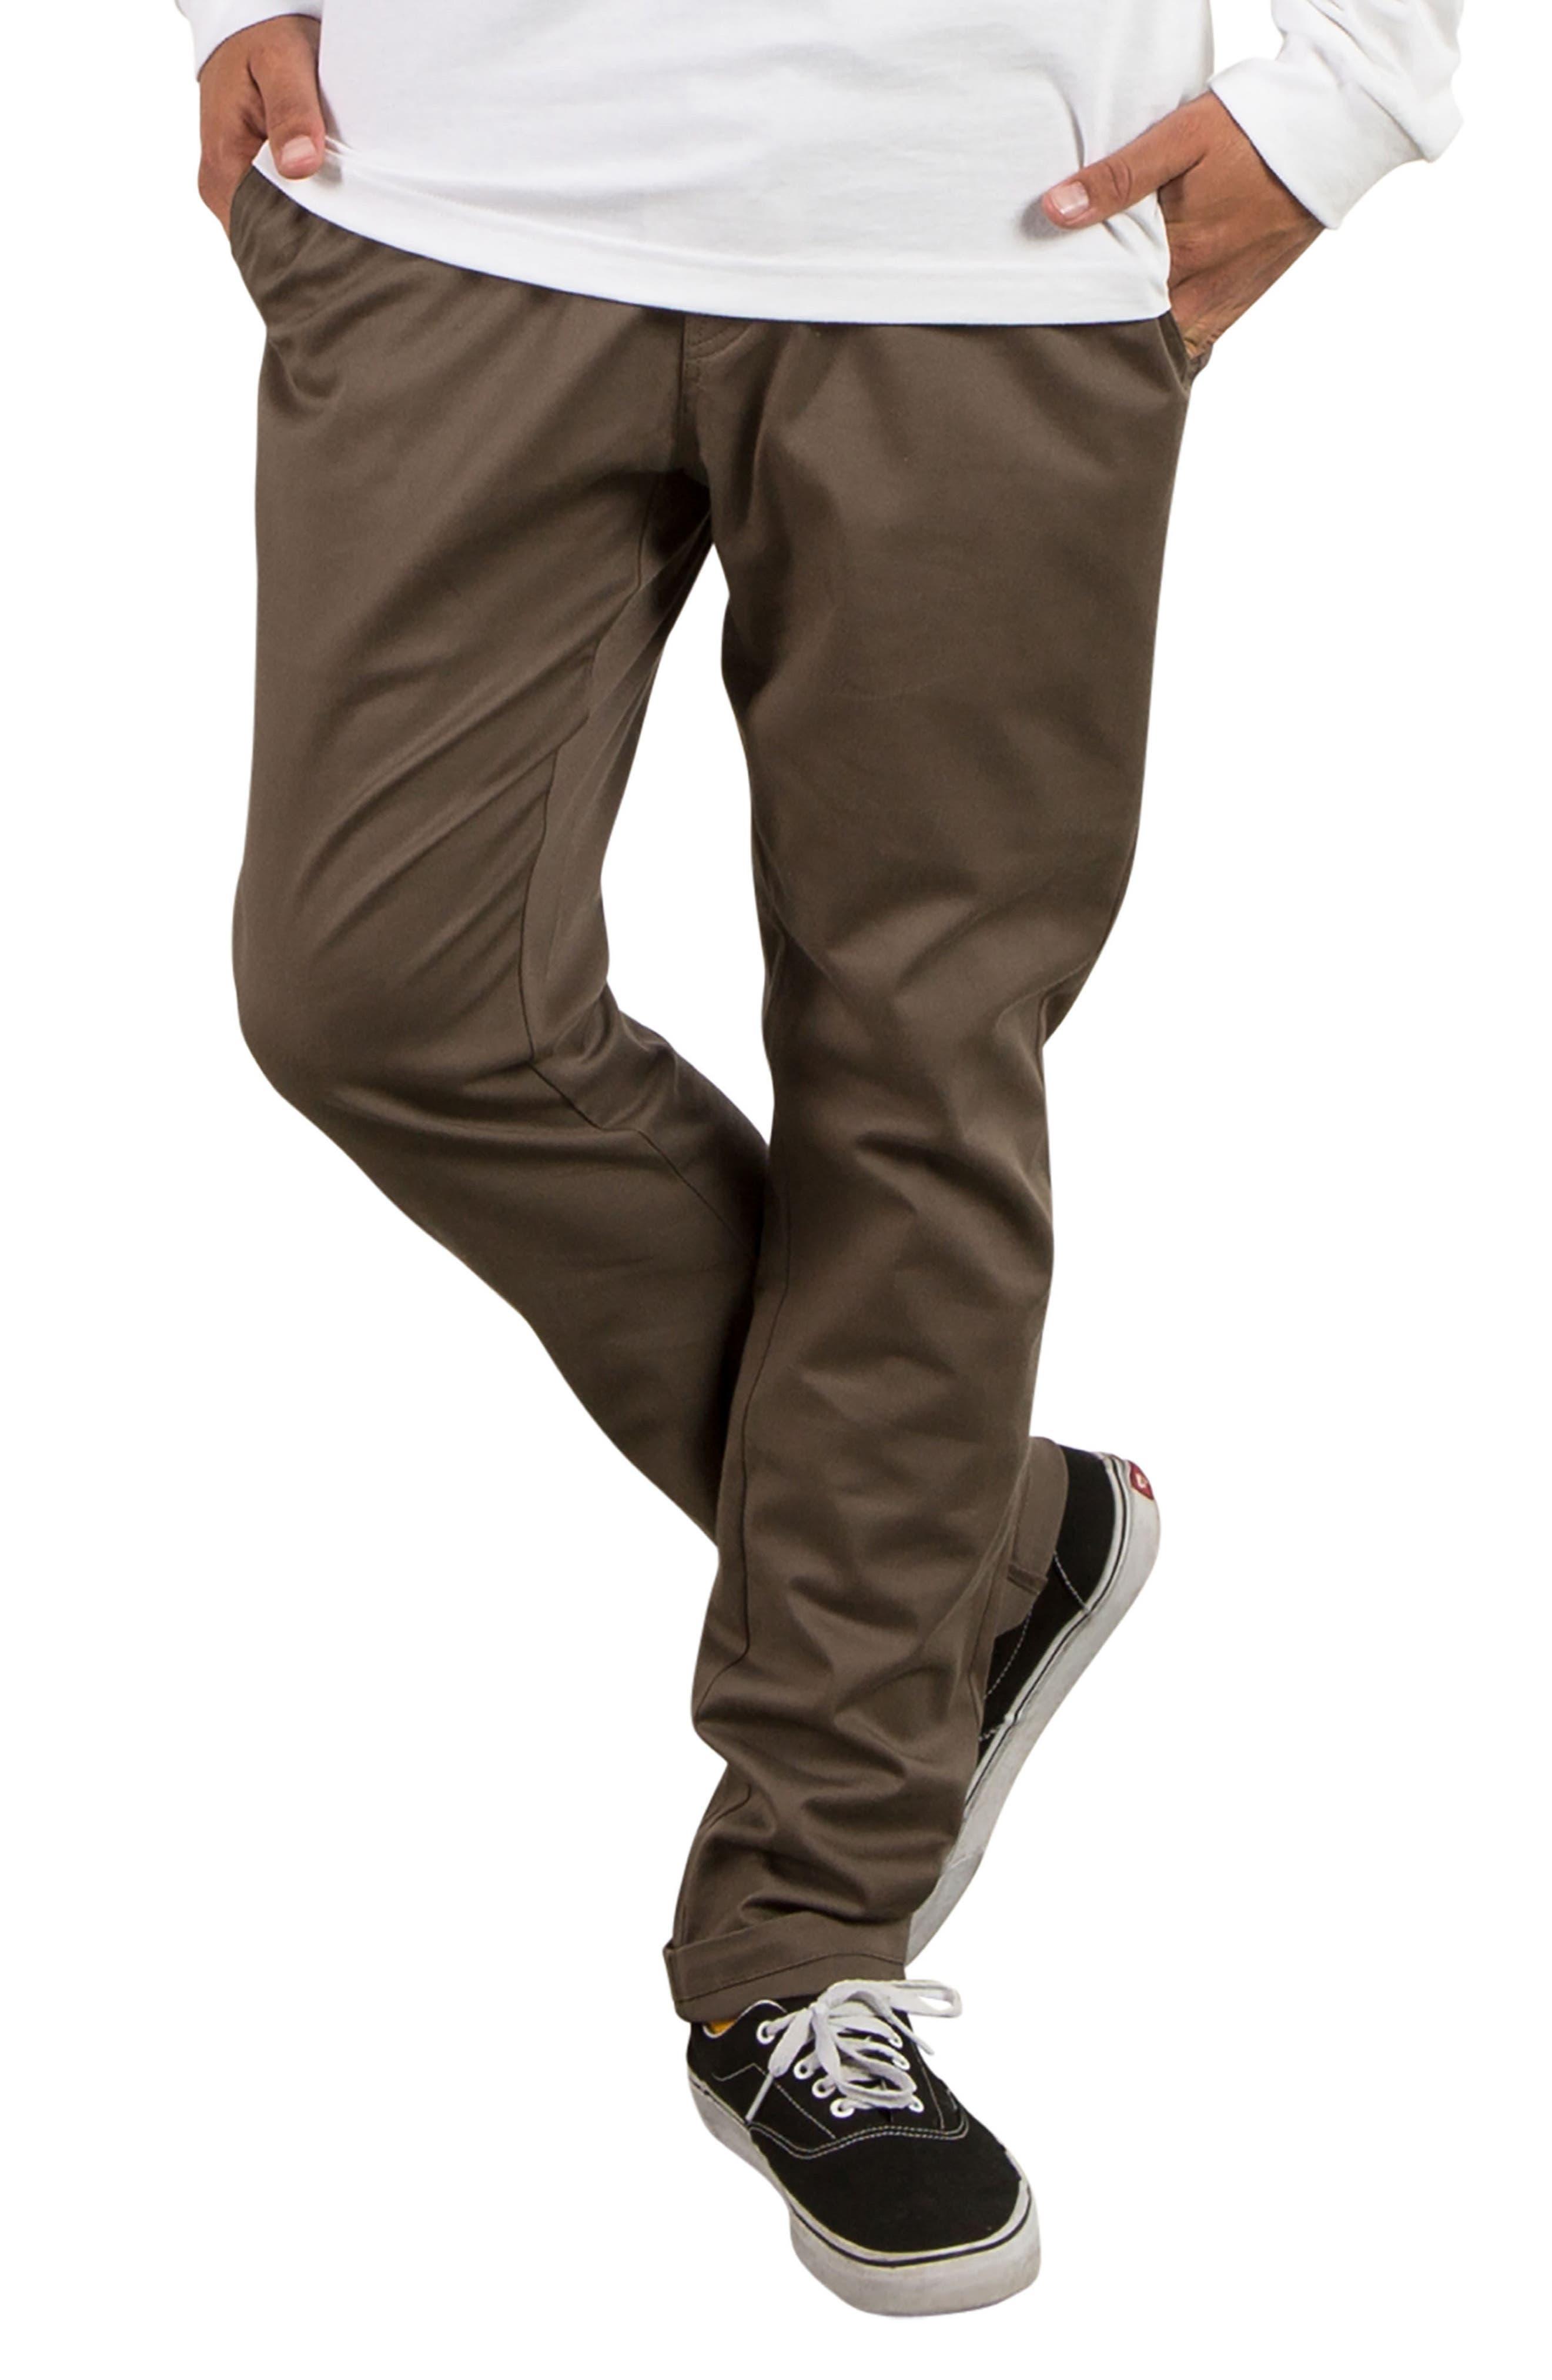 Comfort Chino Pants,                             Main thumbnail 1, color,                             Mushroom